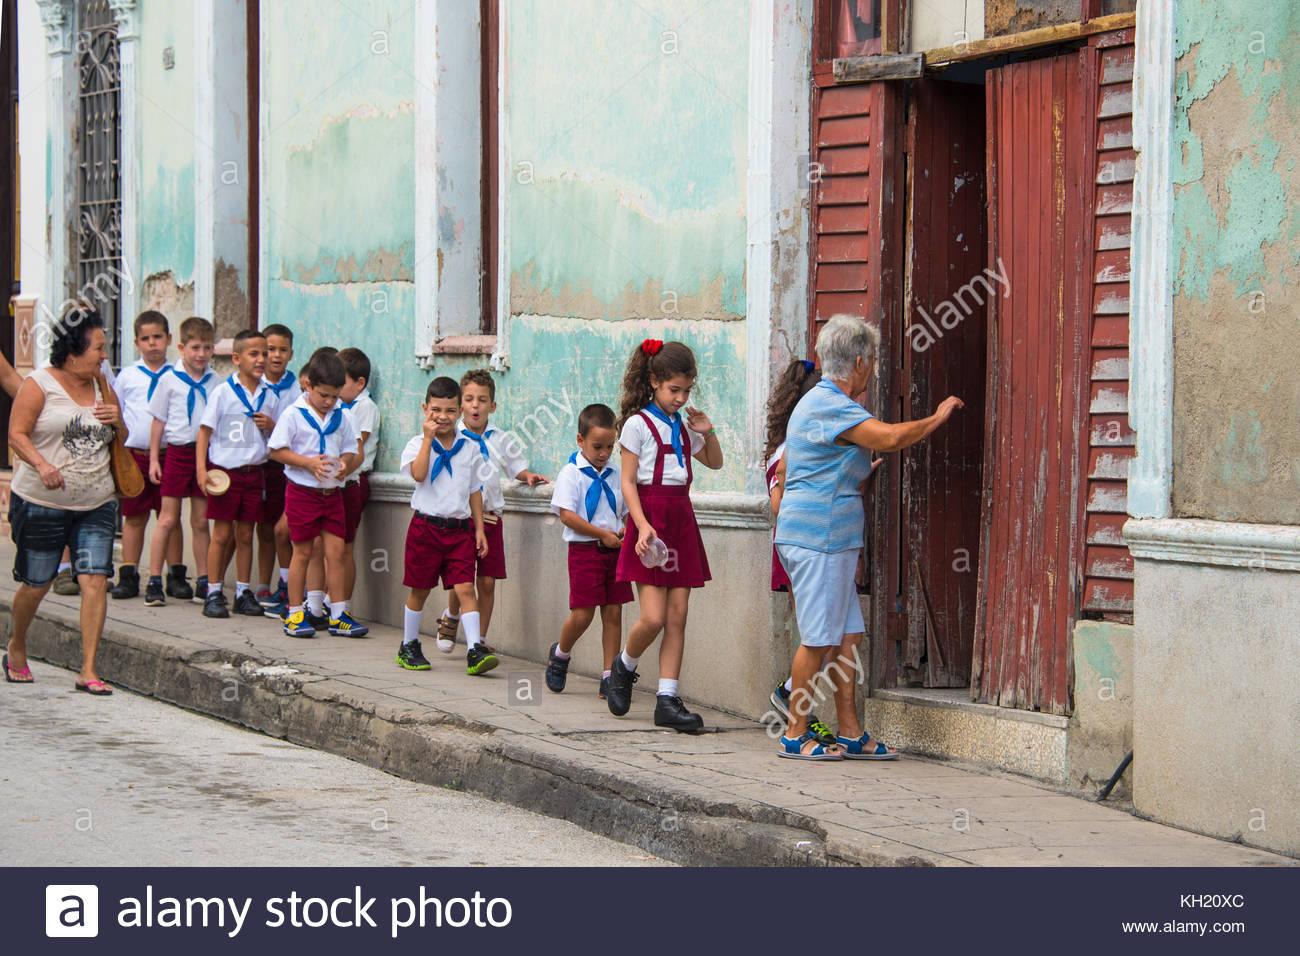 Santa clara adult education